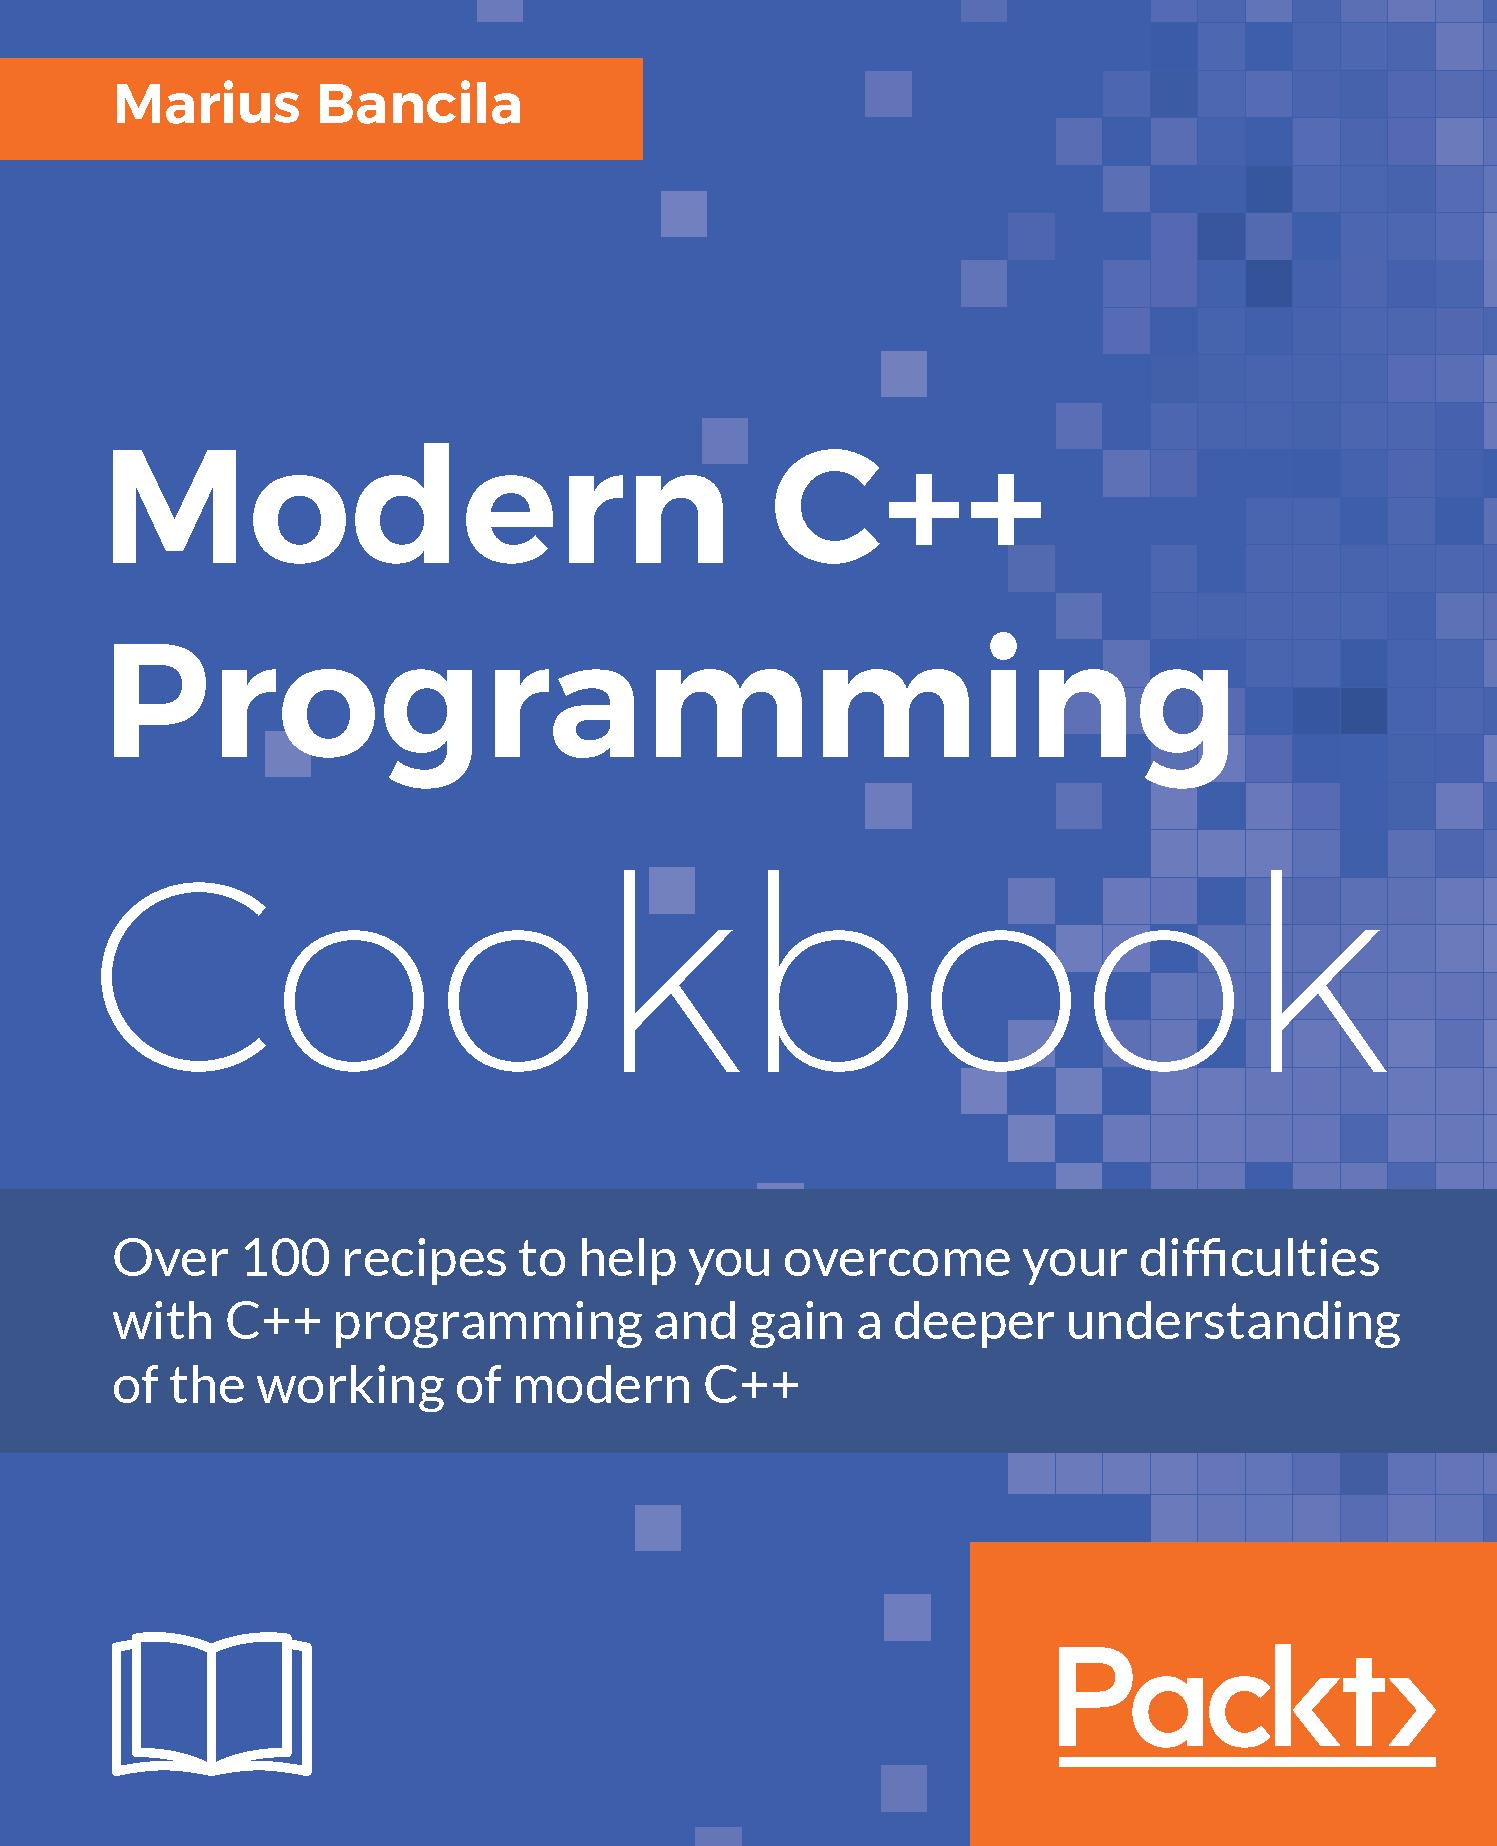 Free eBook - Modern C++ Programming Cookbook @ Packt